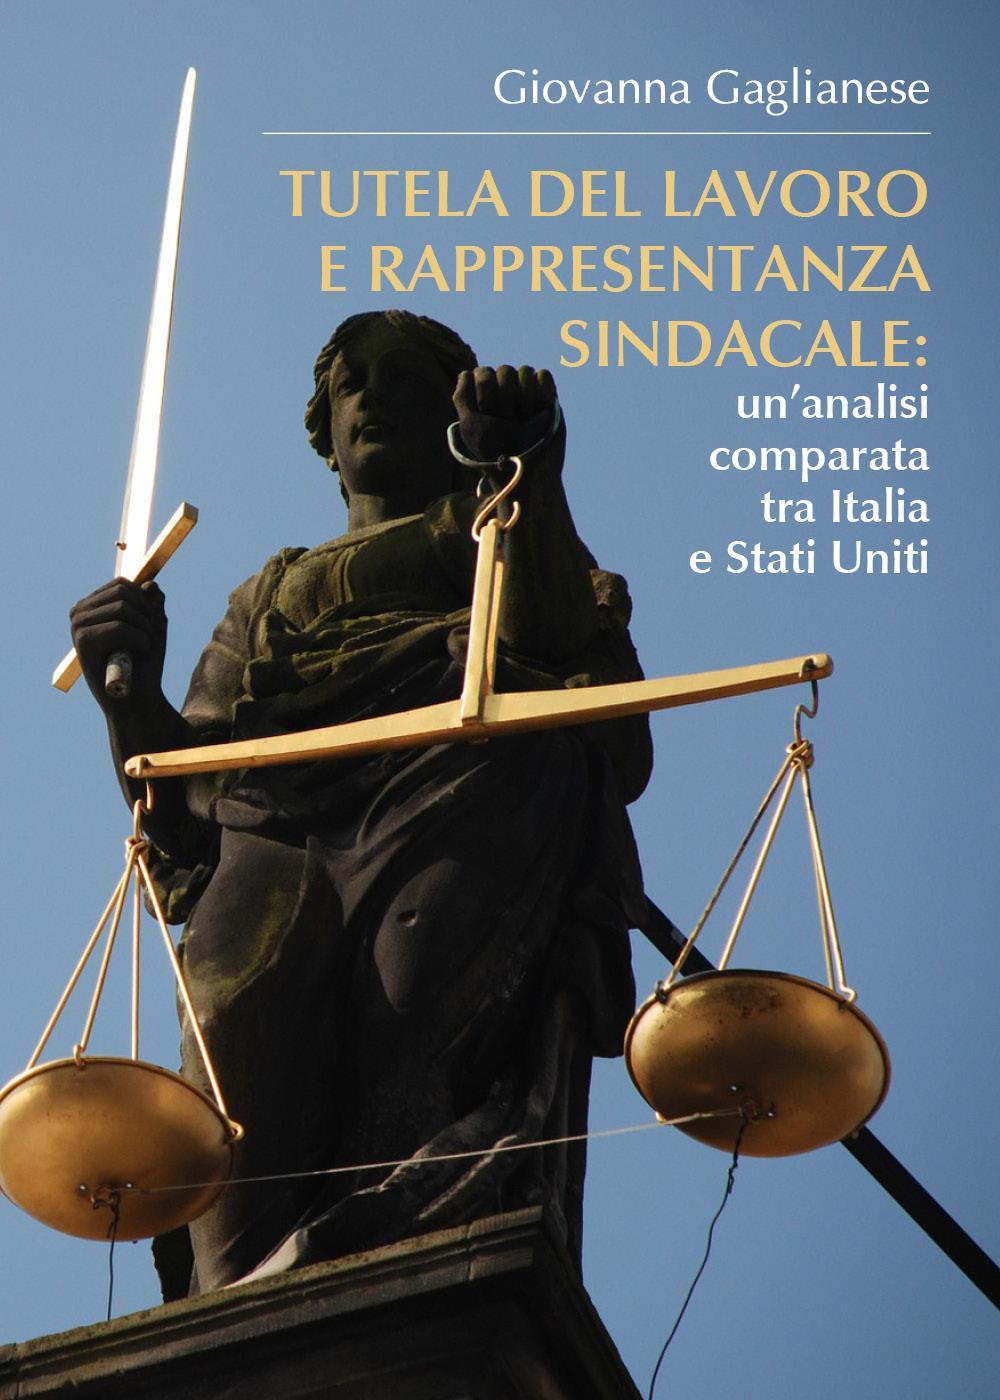 Tutela del lavoro e rappresentanza sindacale:  un'analisi comparata tra Italia e Stati Uniti